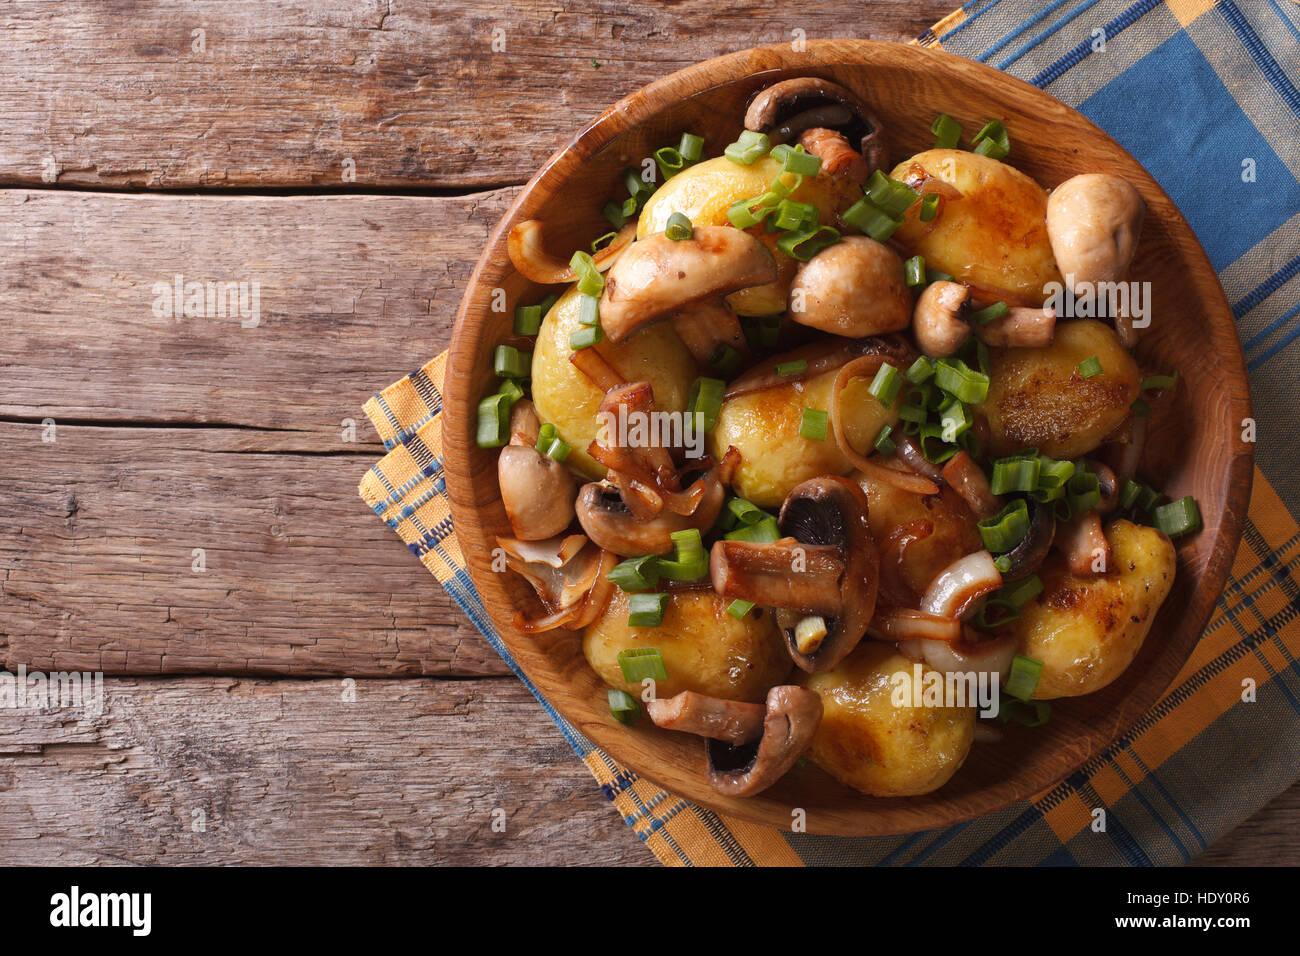 Hausgemachtes Essen: Kartoffeln mit Pilzen Closeup. horizontale Ansicht von oben Stockbild